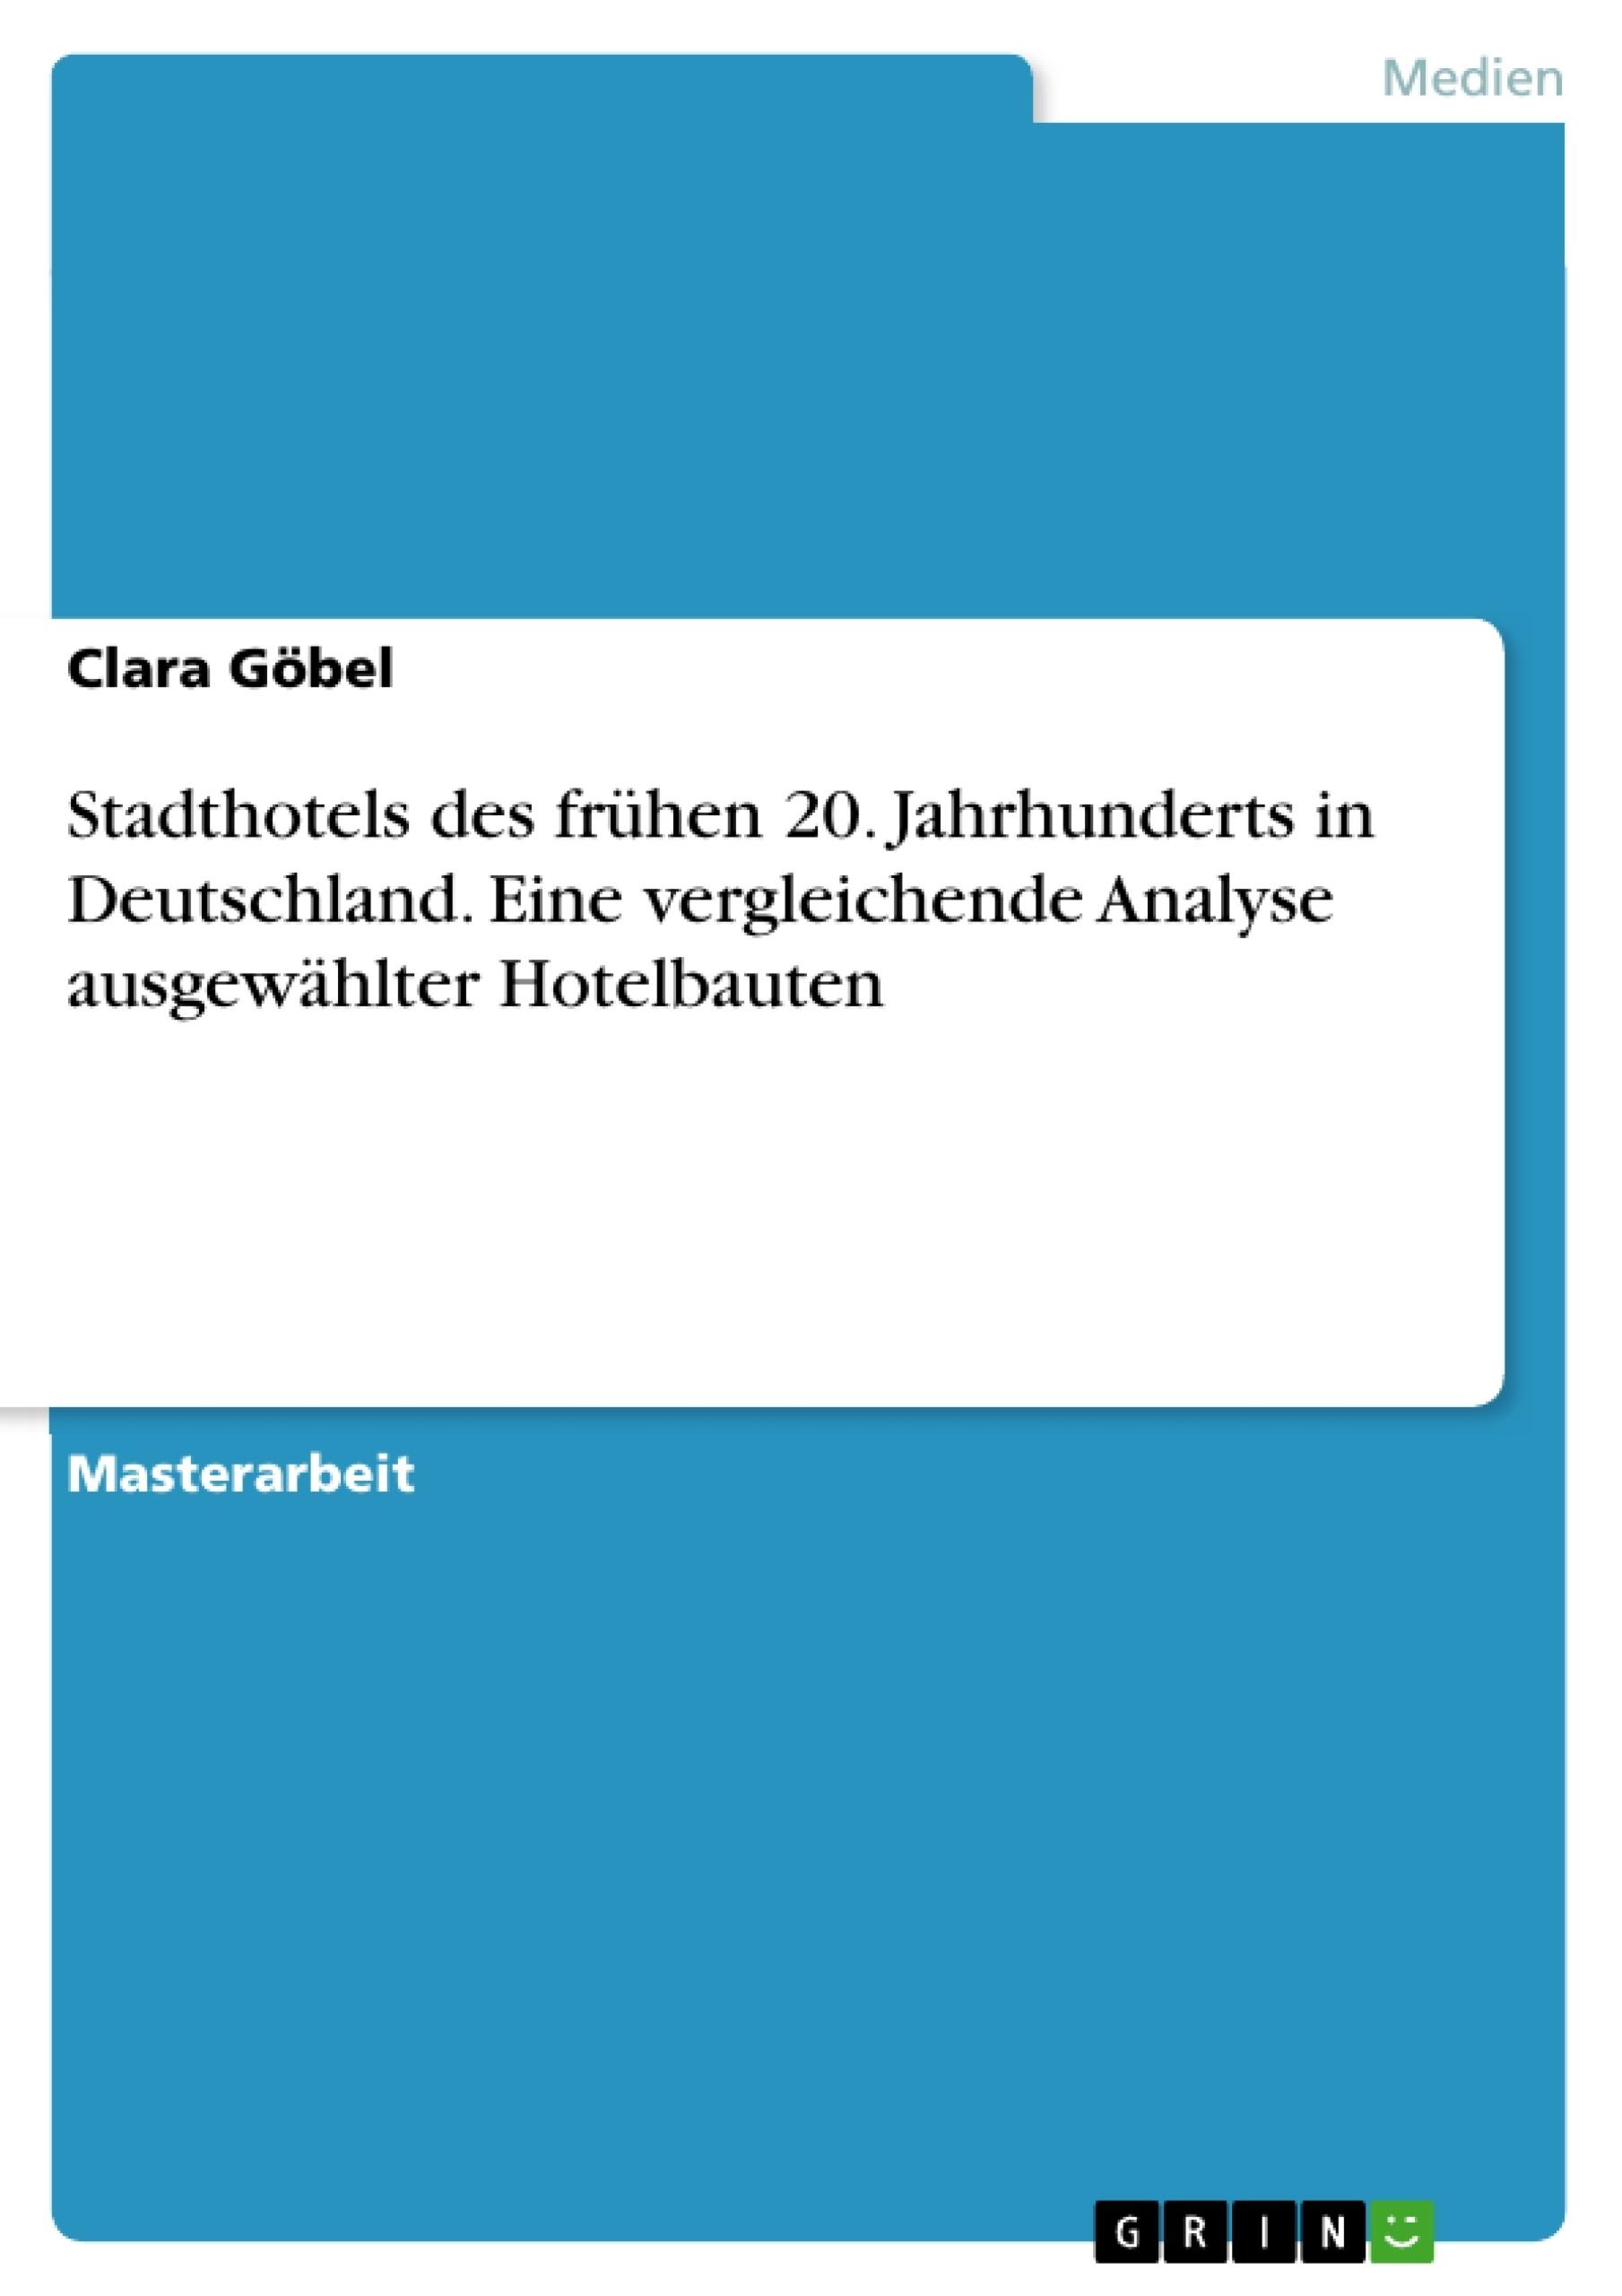 Titel: Stadthotels des frühen 20. Jahrhunderts in Deutschland. Eine vergleichende Analyse ausgewählter Hotelbauten